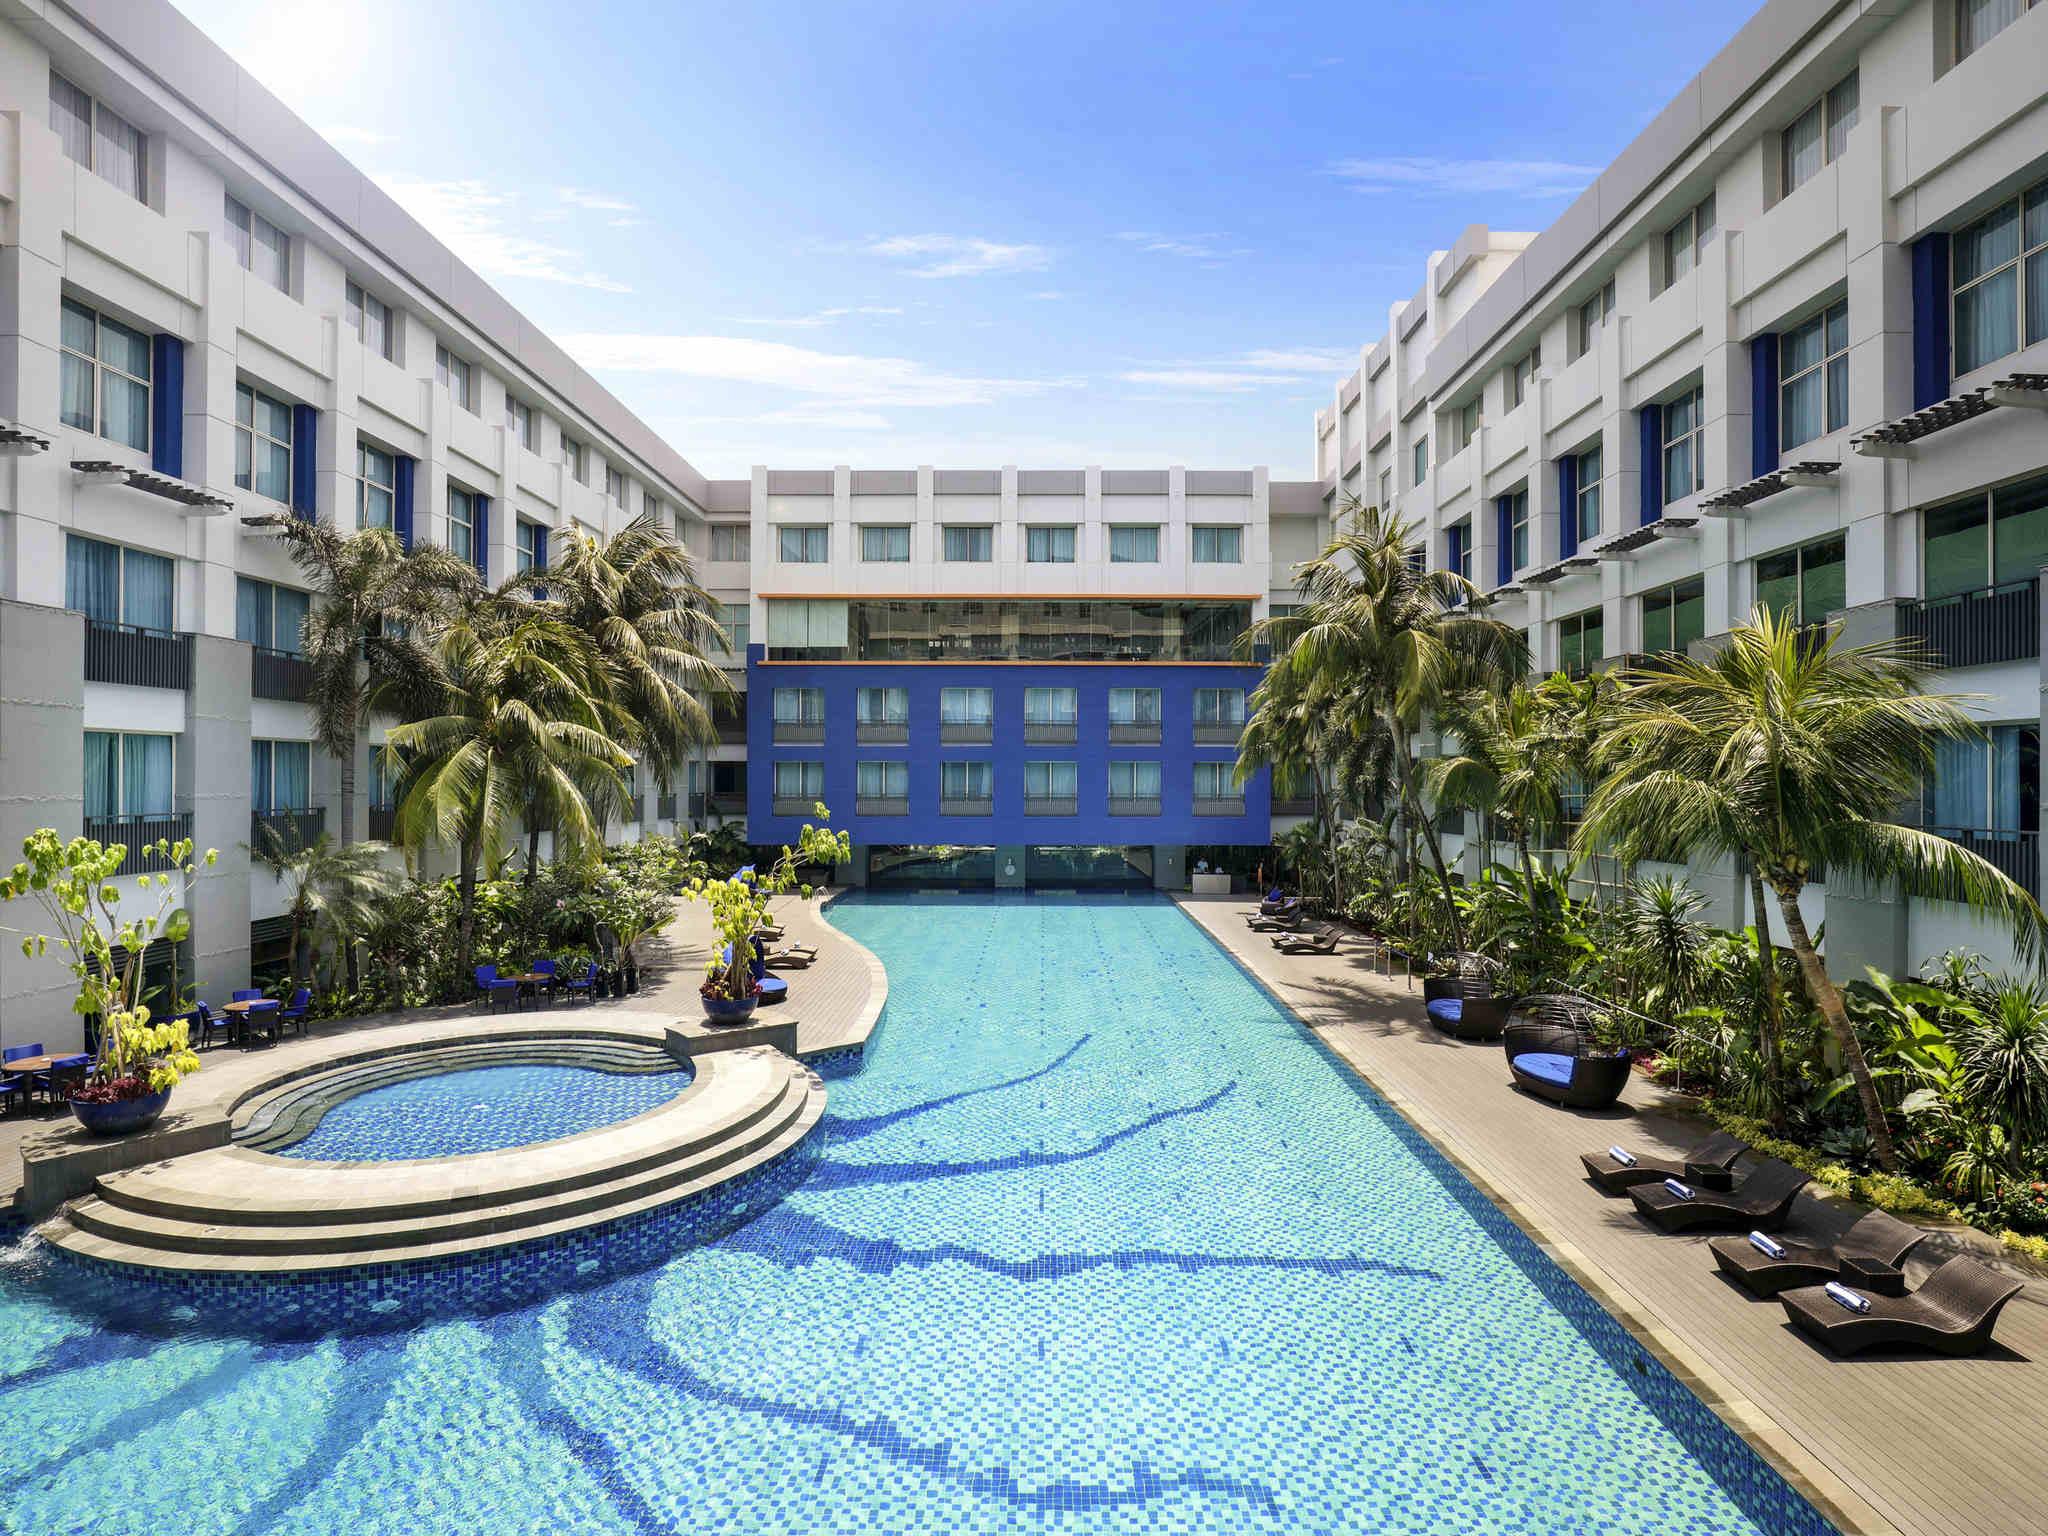 โรงแรม – โนโวเทล จาการ์ตา มังกา ดัว สแควร์